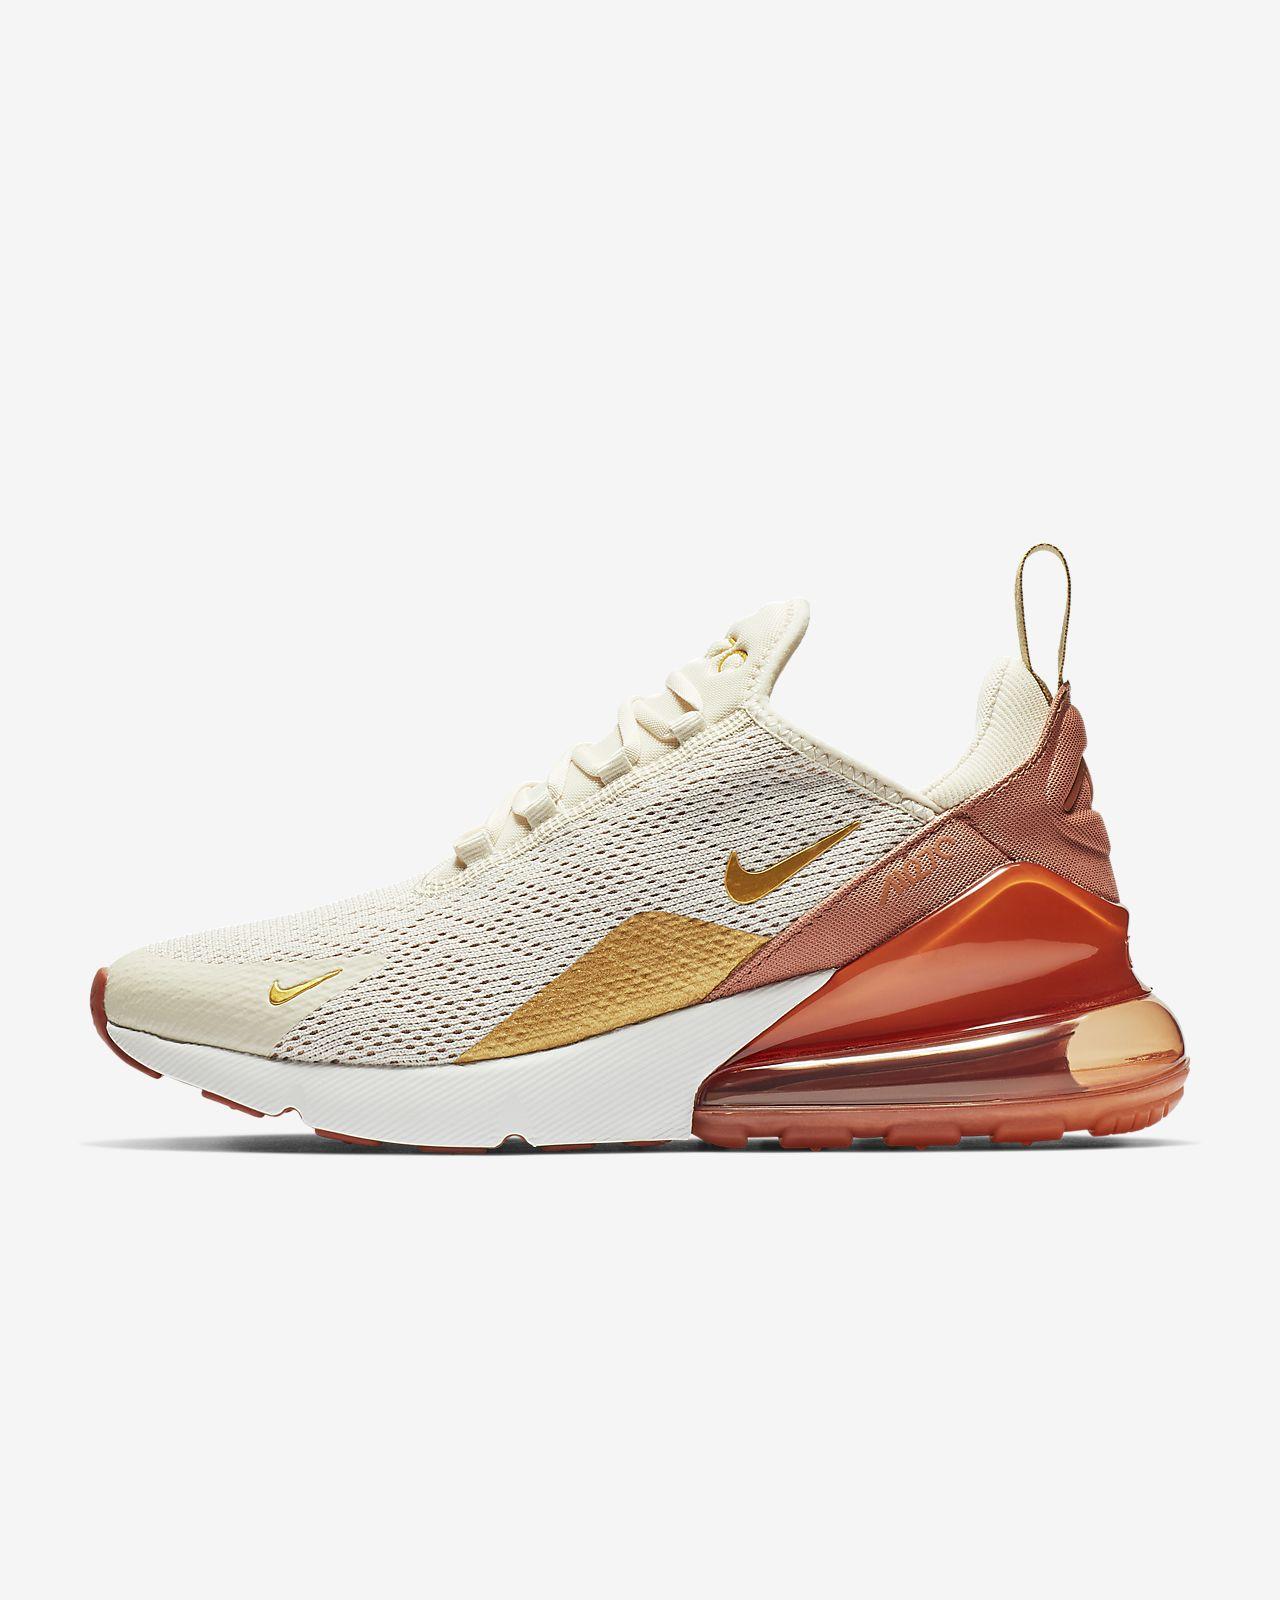 big sale 0d7f4 a177c ... Nike Air Max 270-sko til kvinder